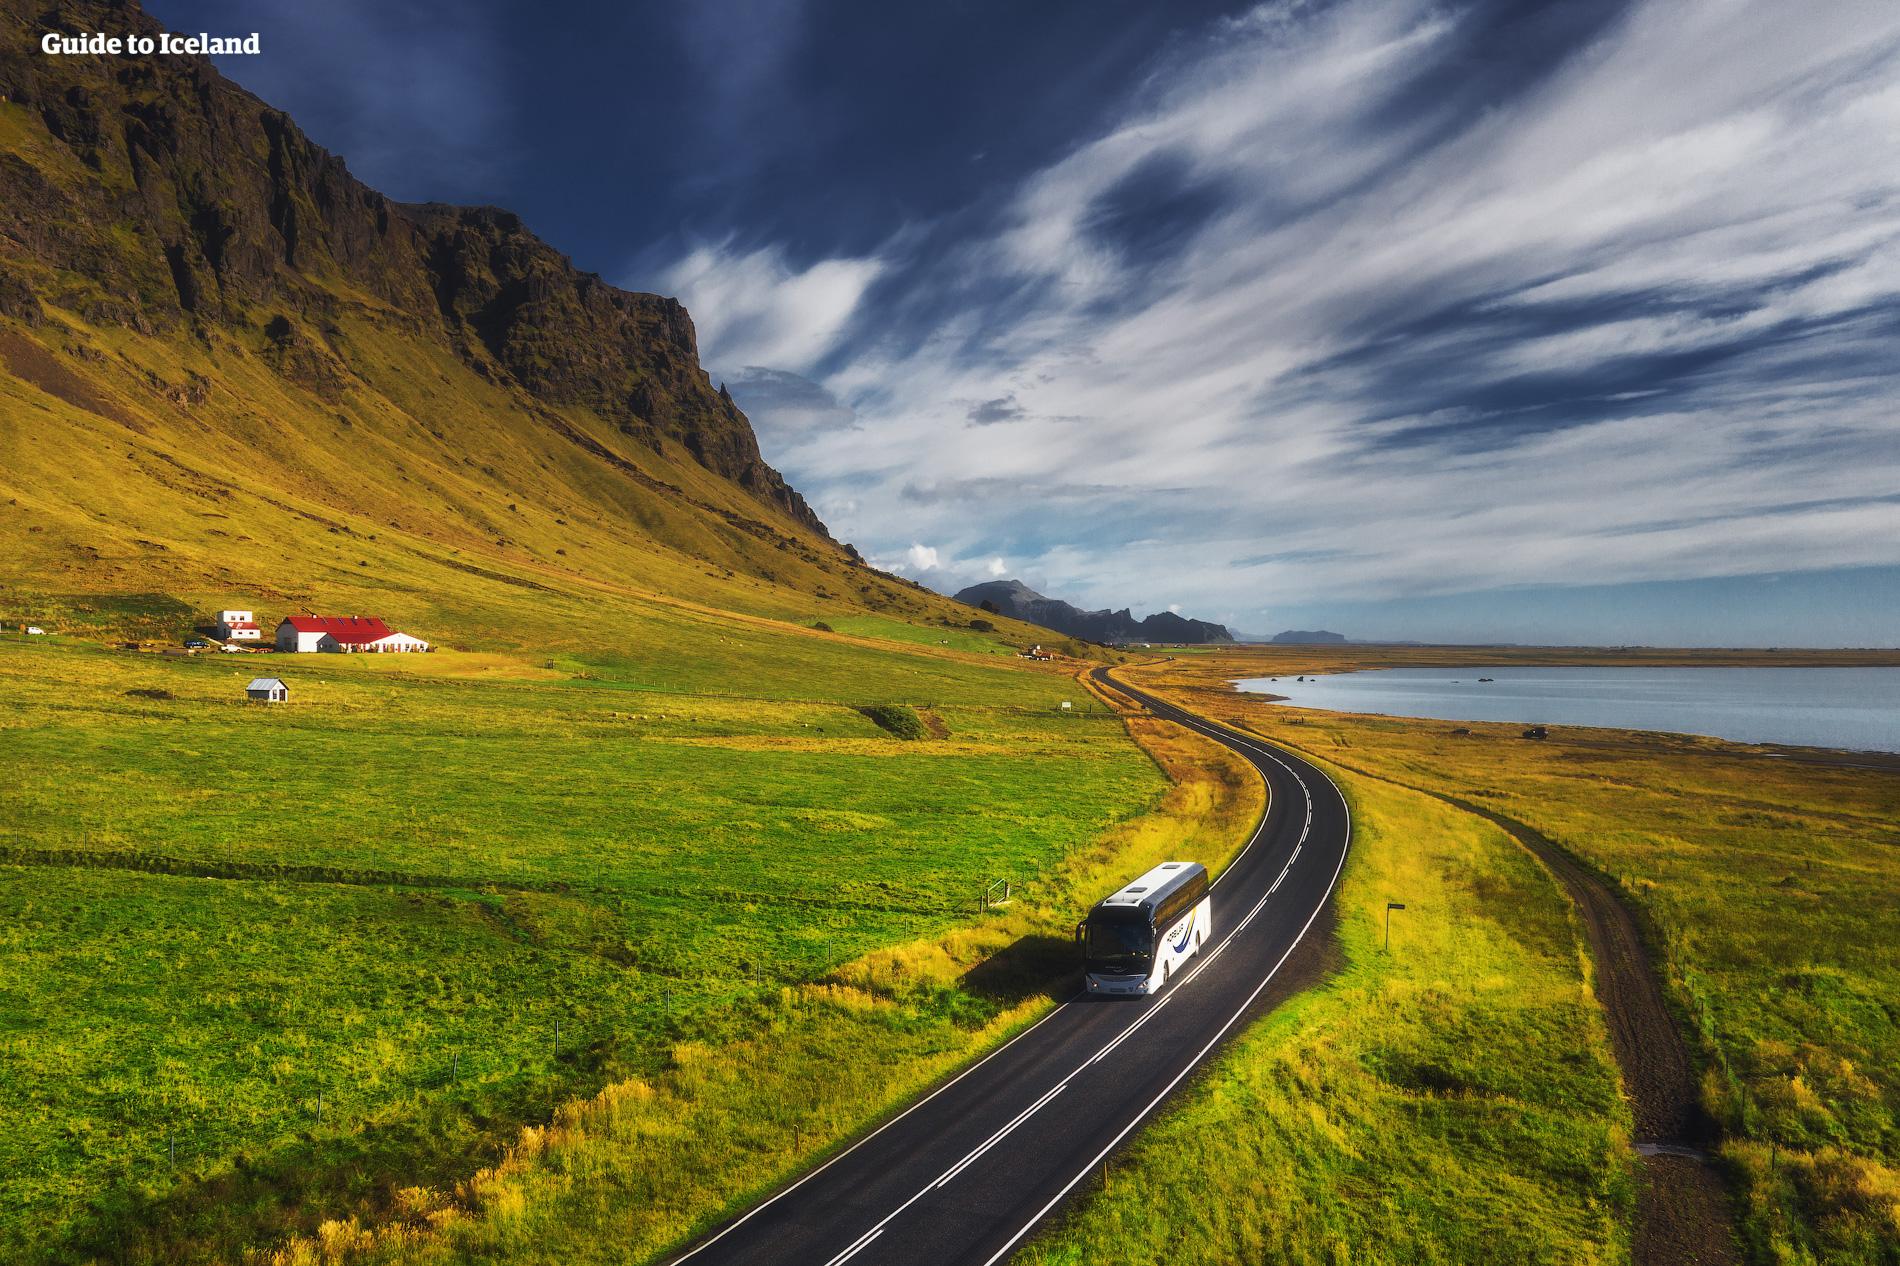 L'autotour est une façon très agréable de parcourir le pays